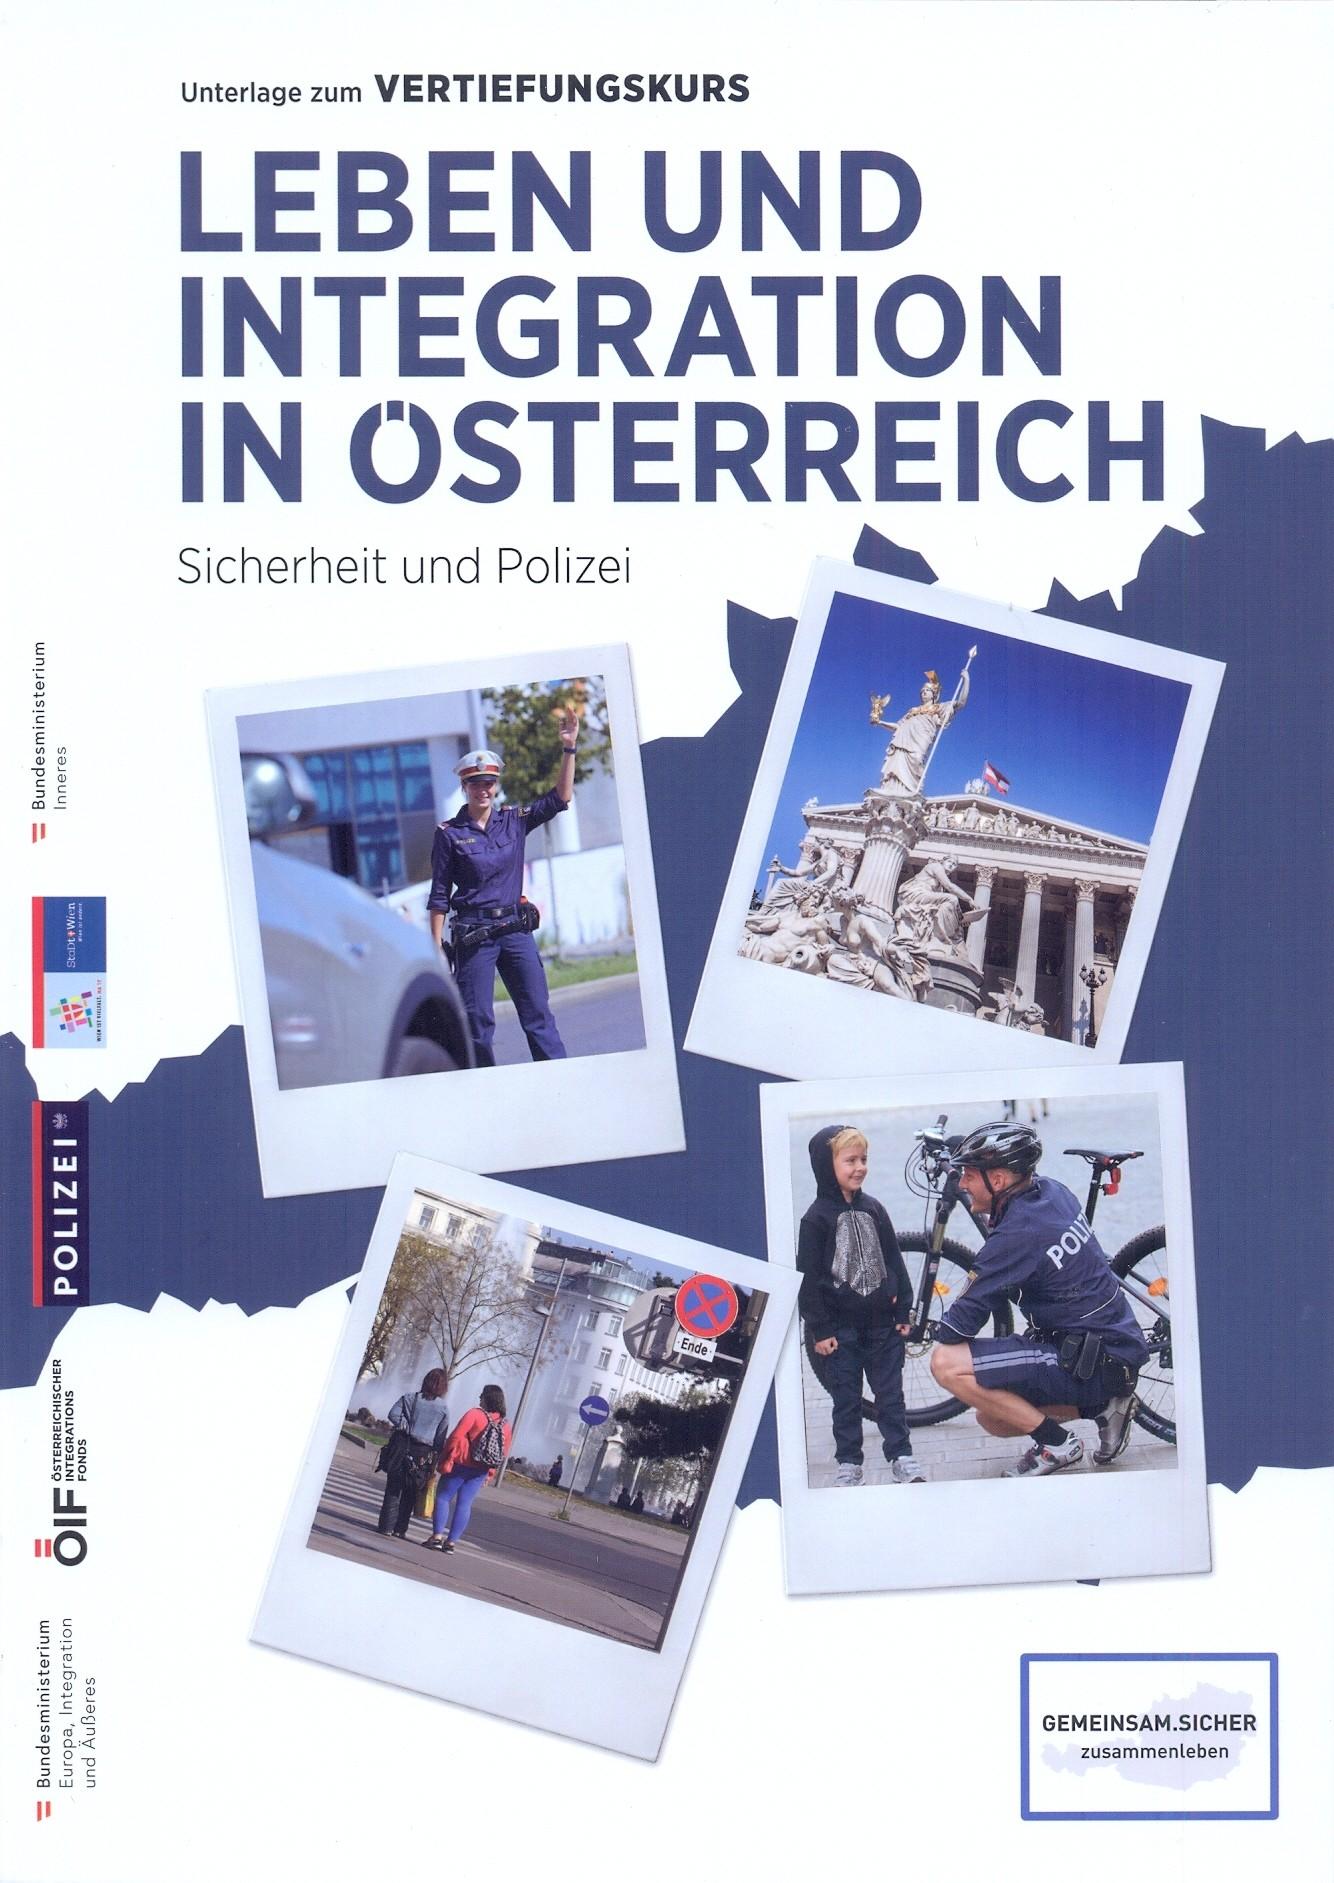 Leben und Integration in Österreich – Sicherheit/Polizei